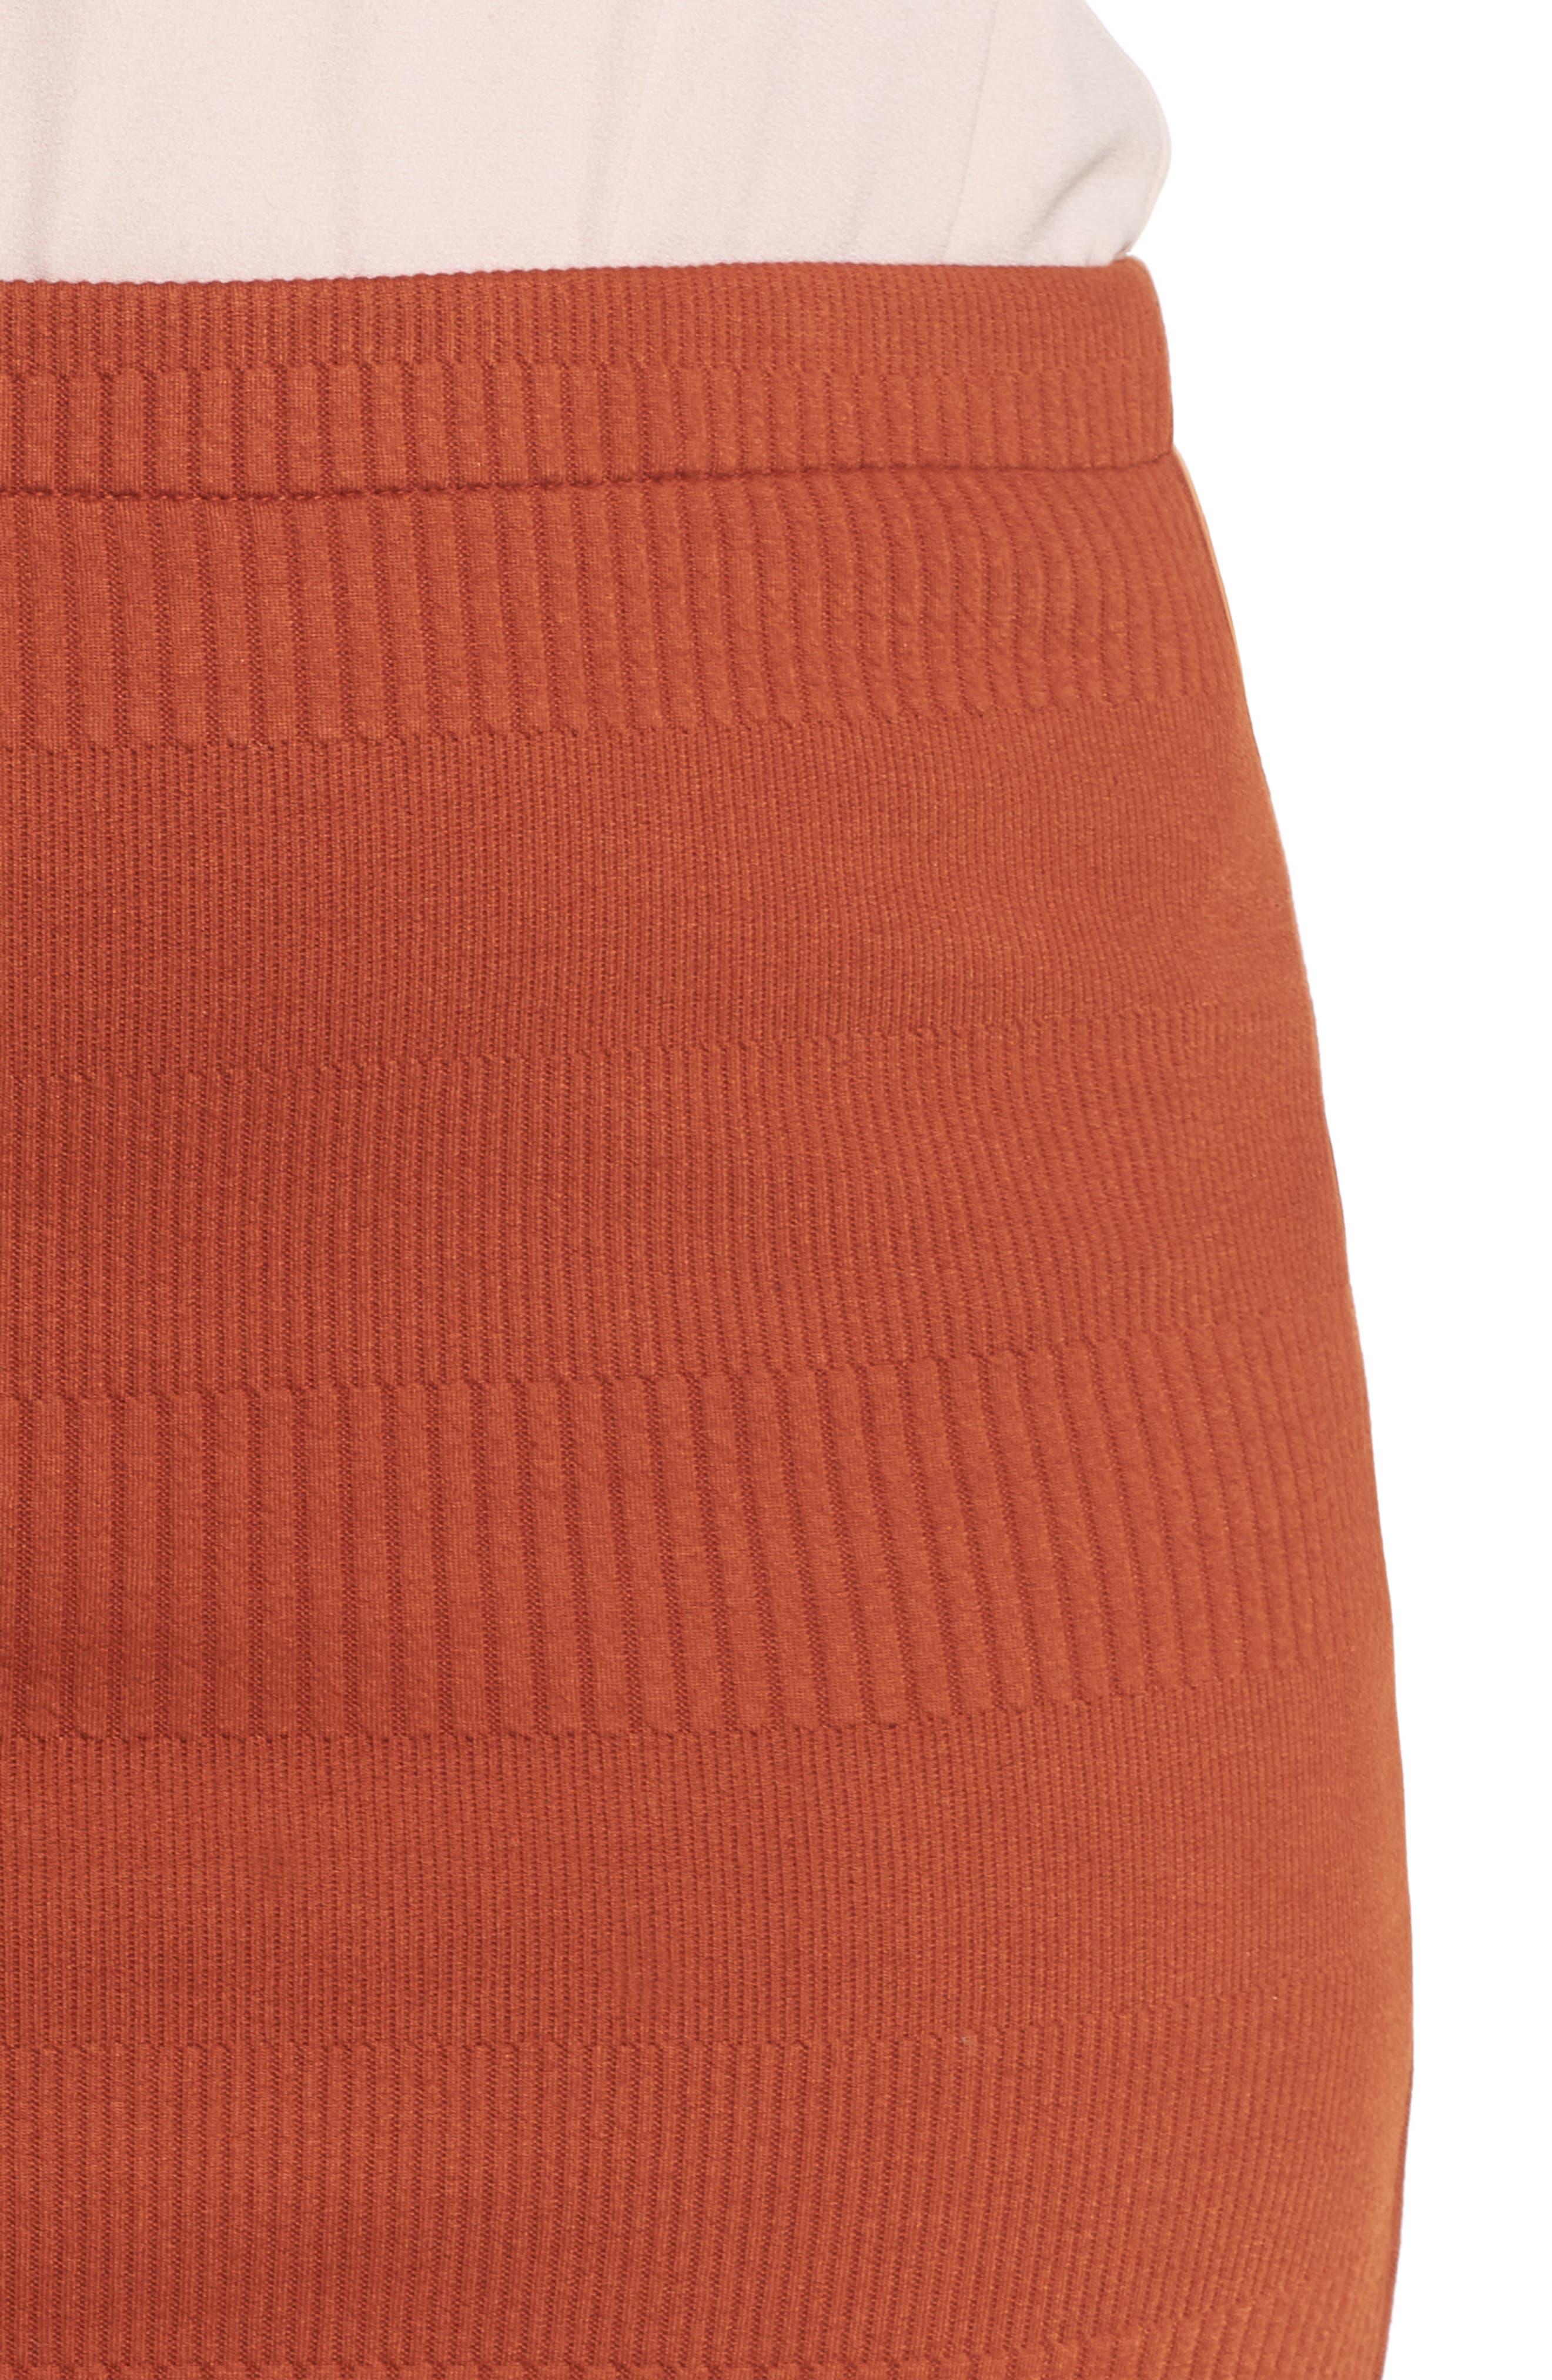 Midi Pencil Skirt,                             Alternate thumbnail 4, color,                             210